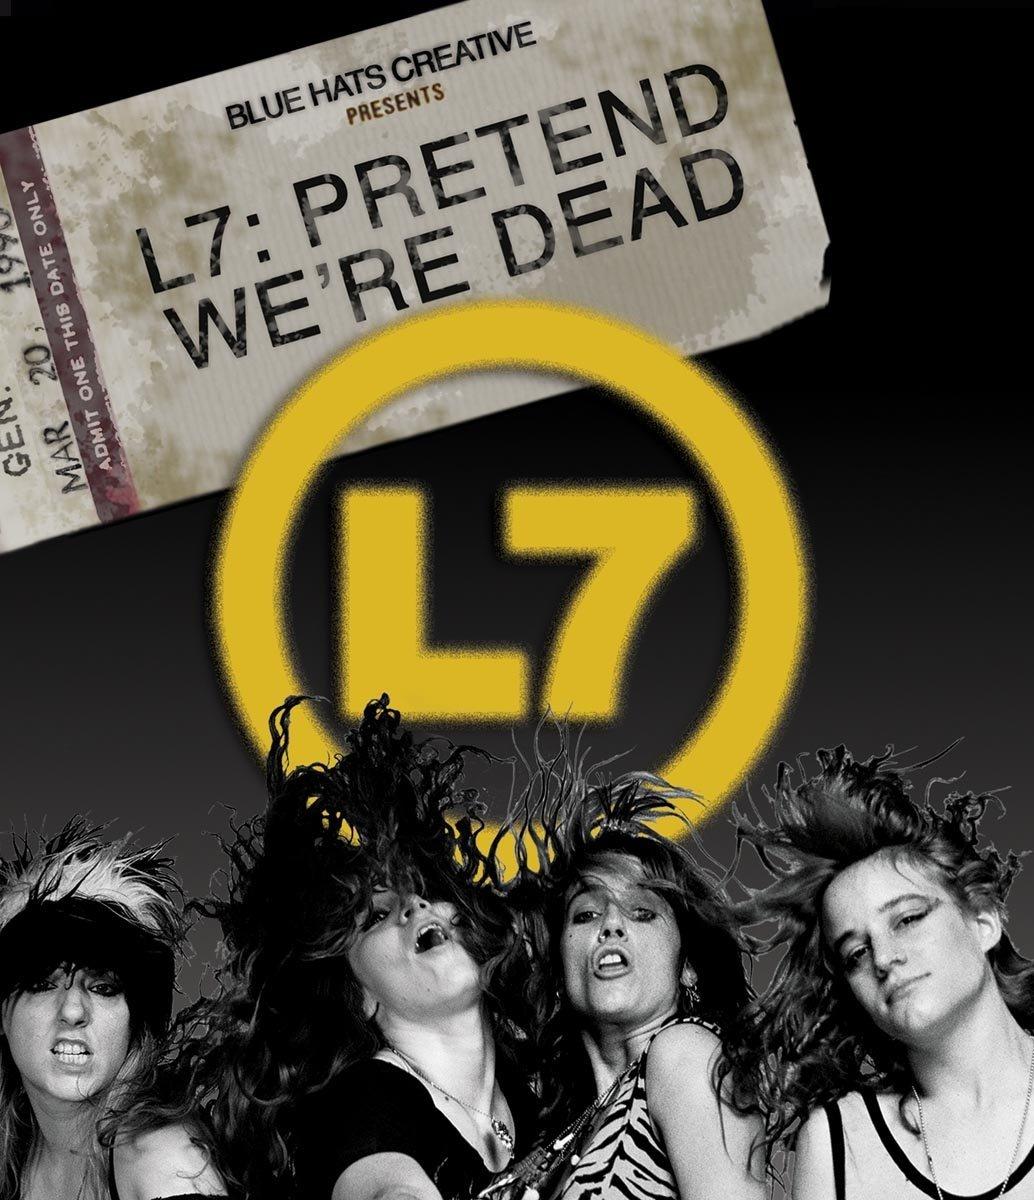 L7: Pretend We're Dead